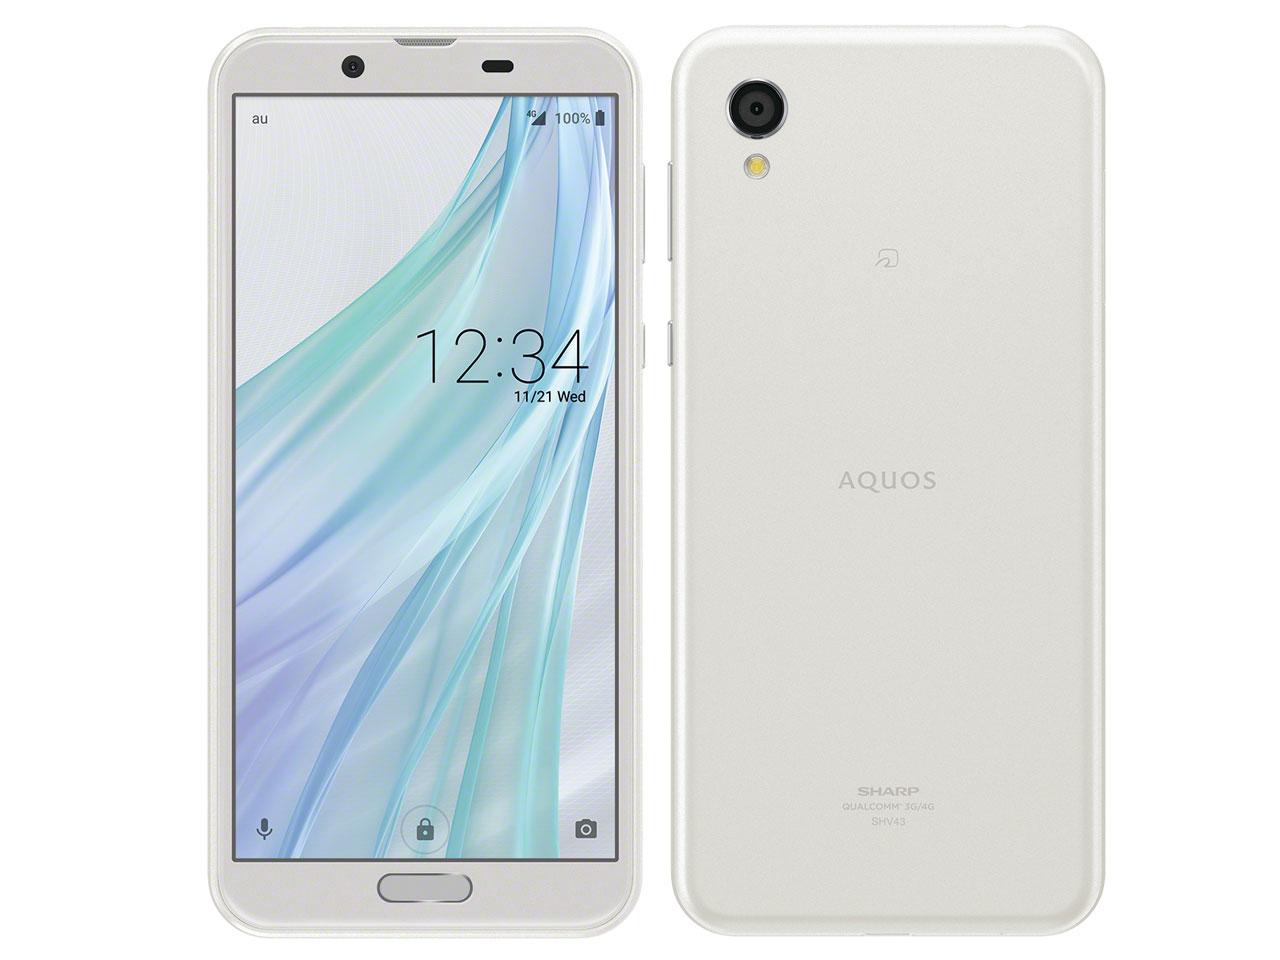 【新品・白ロム・本体】SIMロック解除済 au AQUOS sense2 SHV43 シルキーホワイト Silky White スマートフォン 携帯電話 SHARP(シャープ) SHV43 shv43 shv43